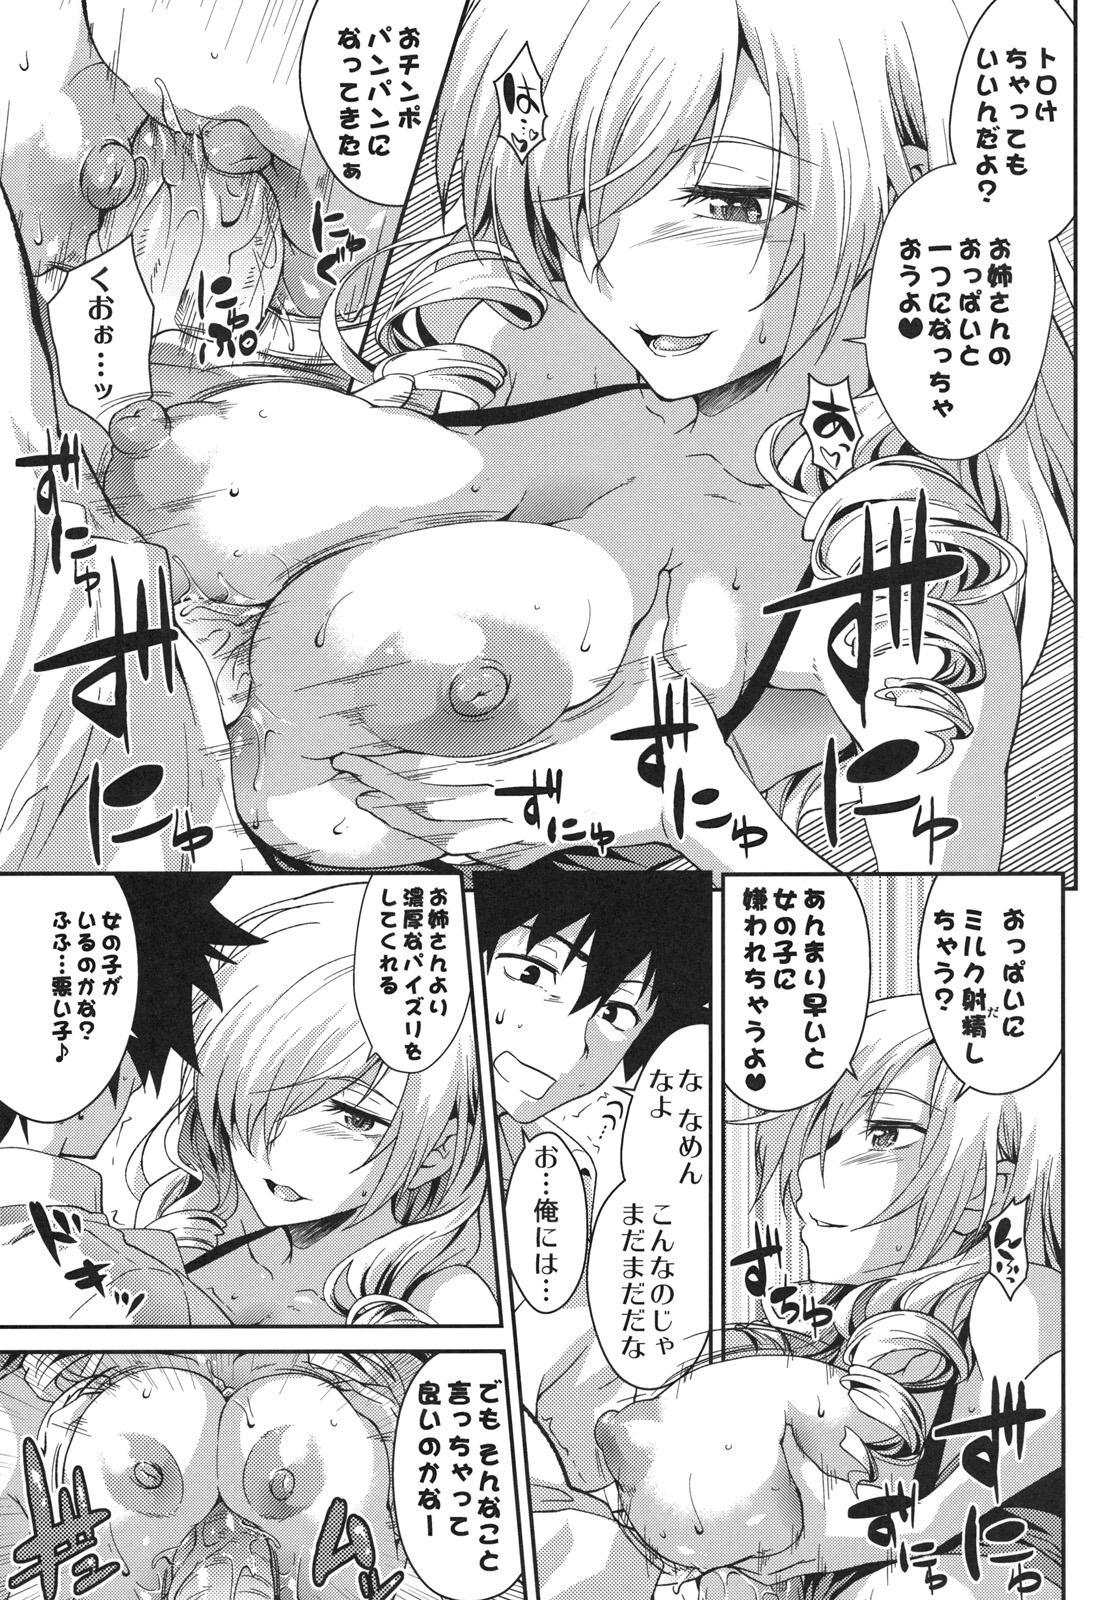 Tateba Shakuyaku Suwareba Botan Aruku Sugata wa 18kin 9